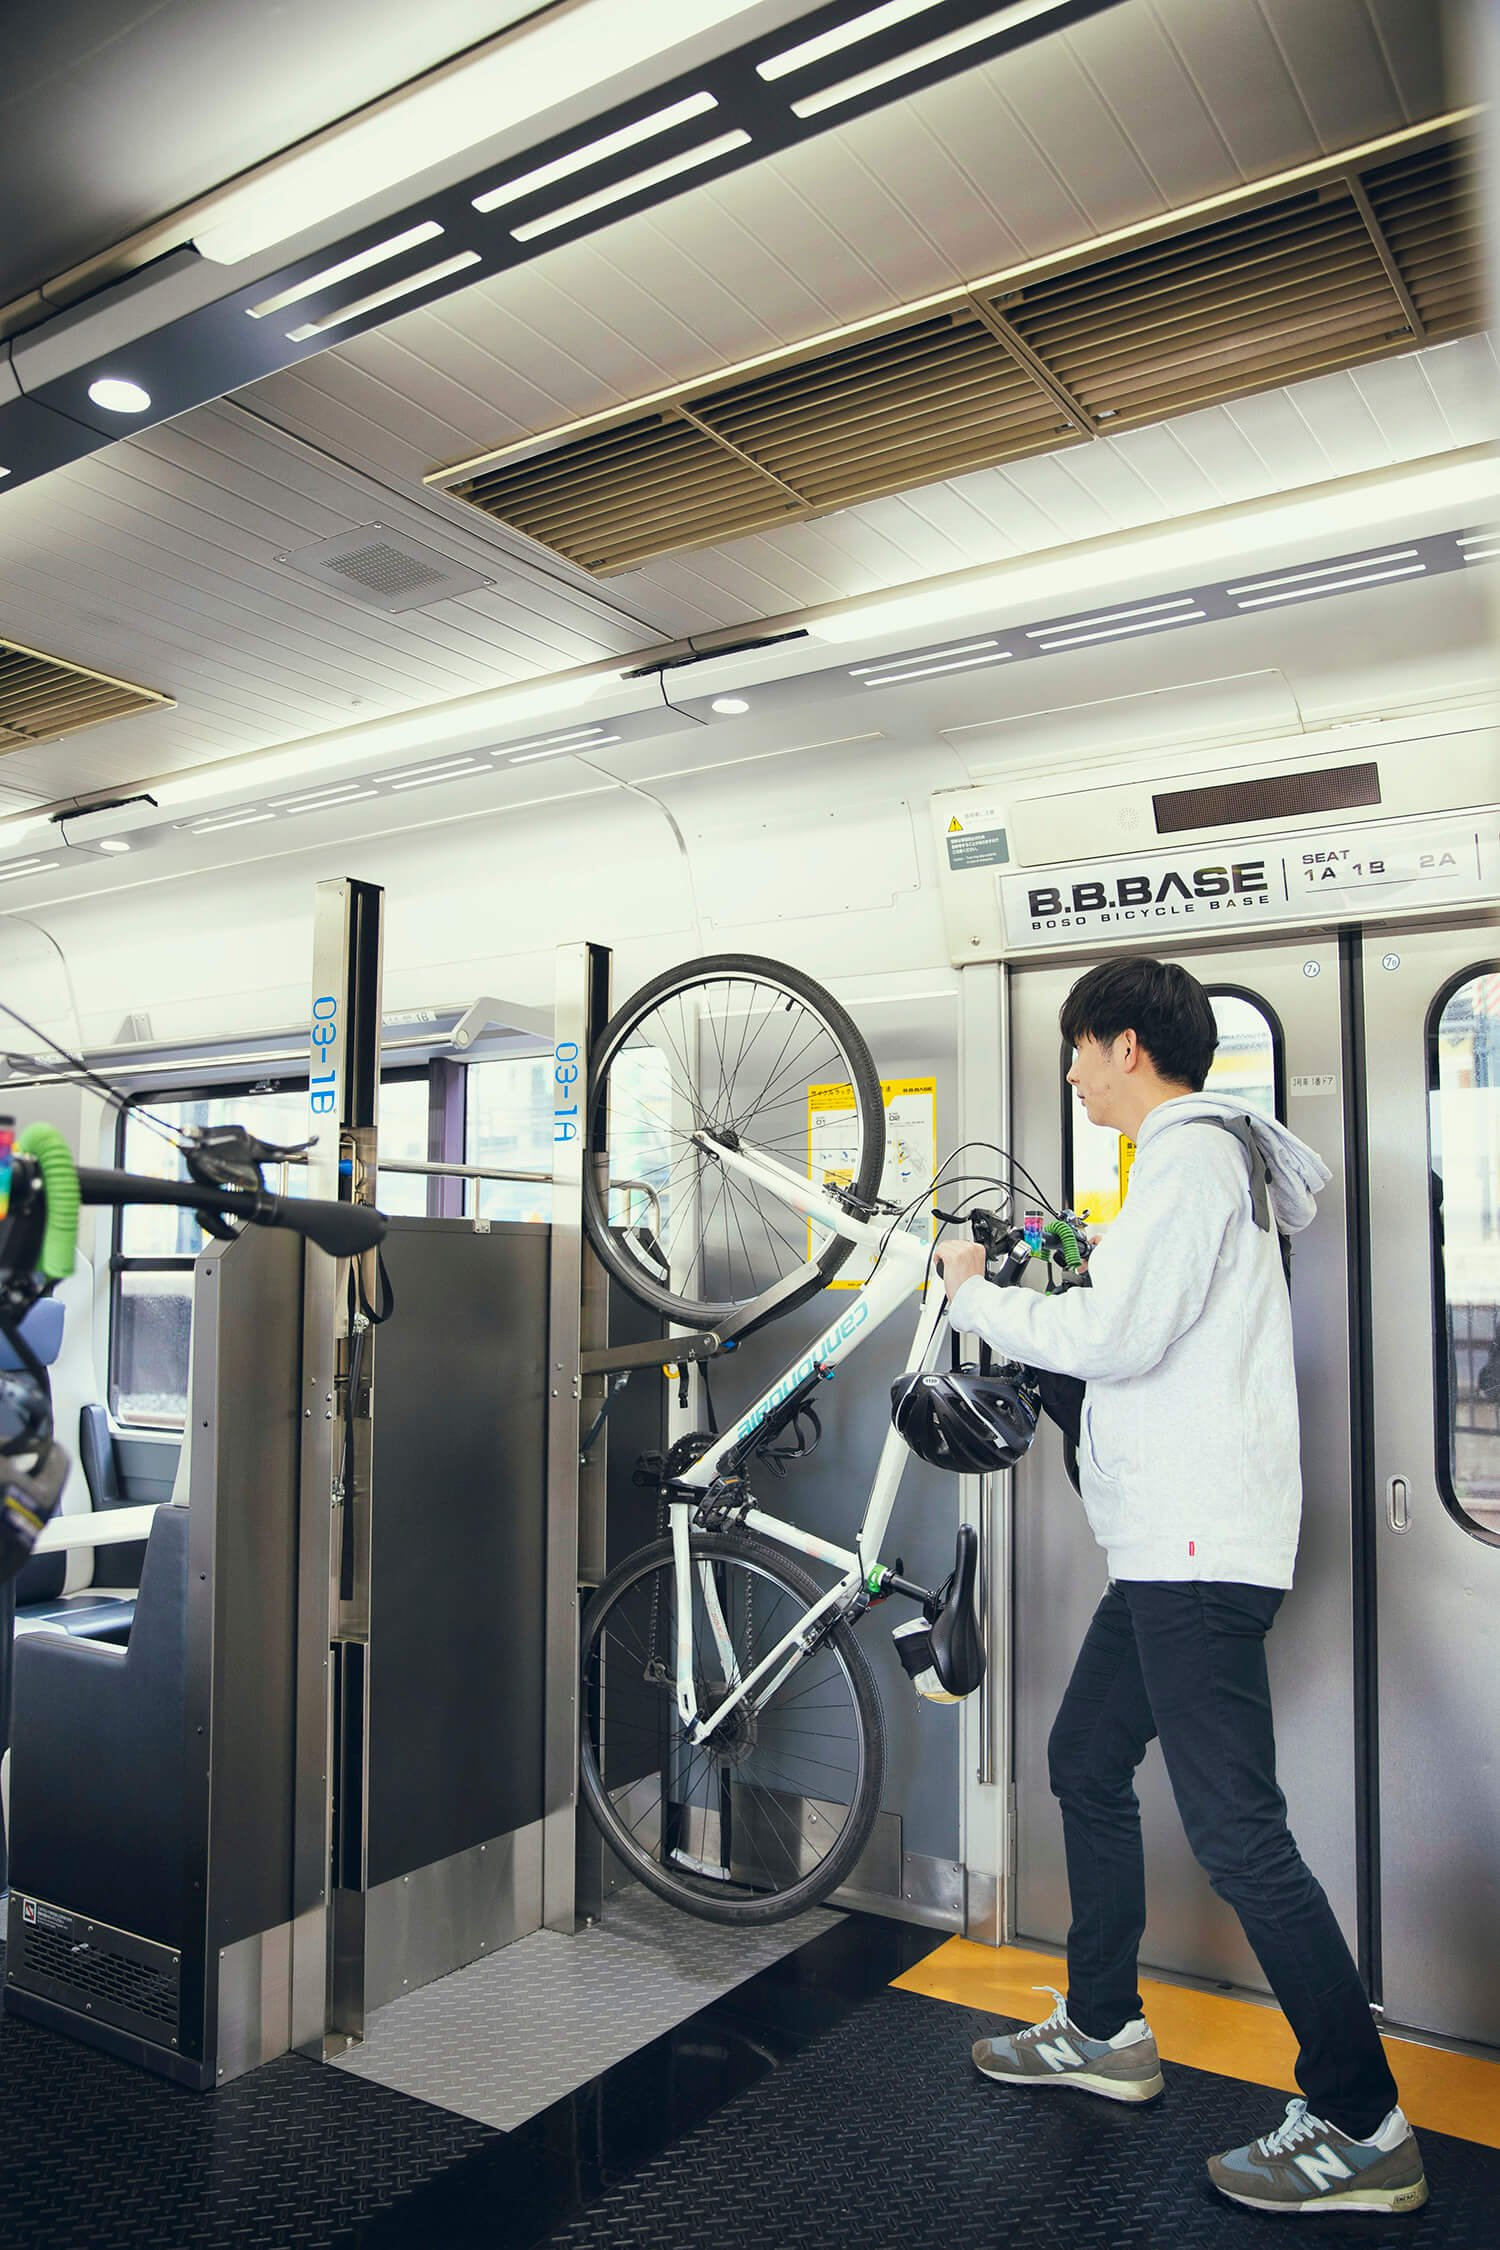 サイクルラックは前輪をかける簡単なタイプ。